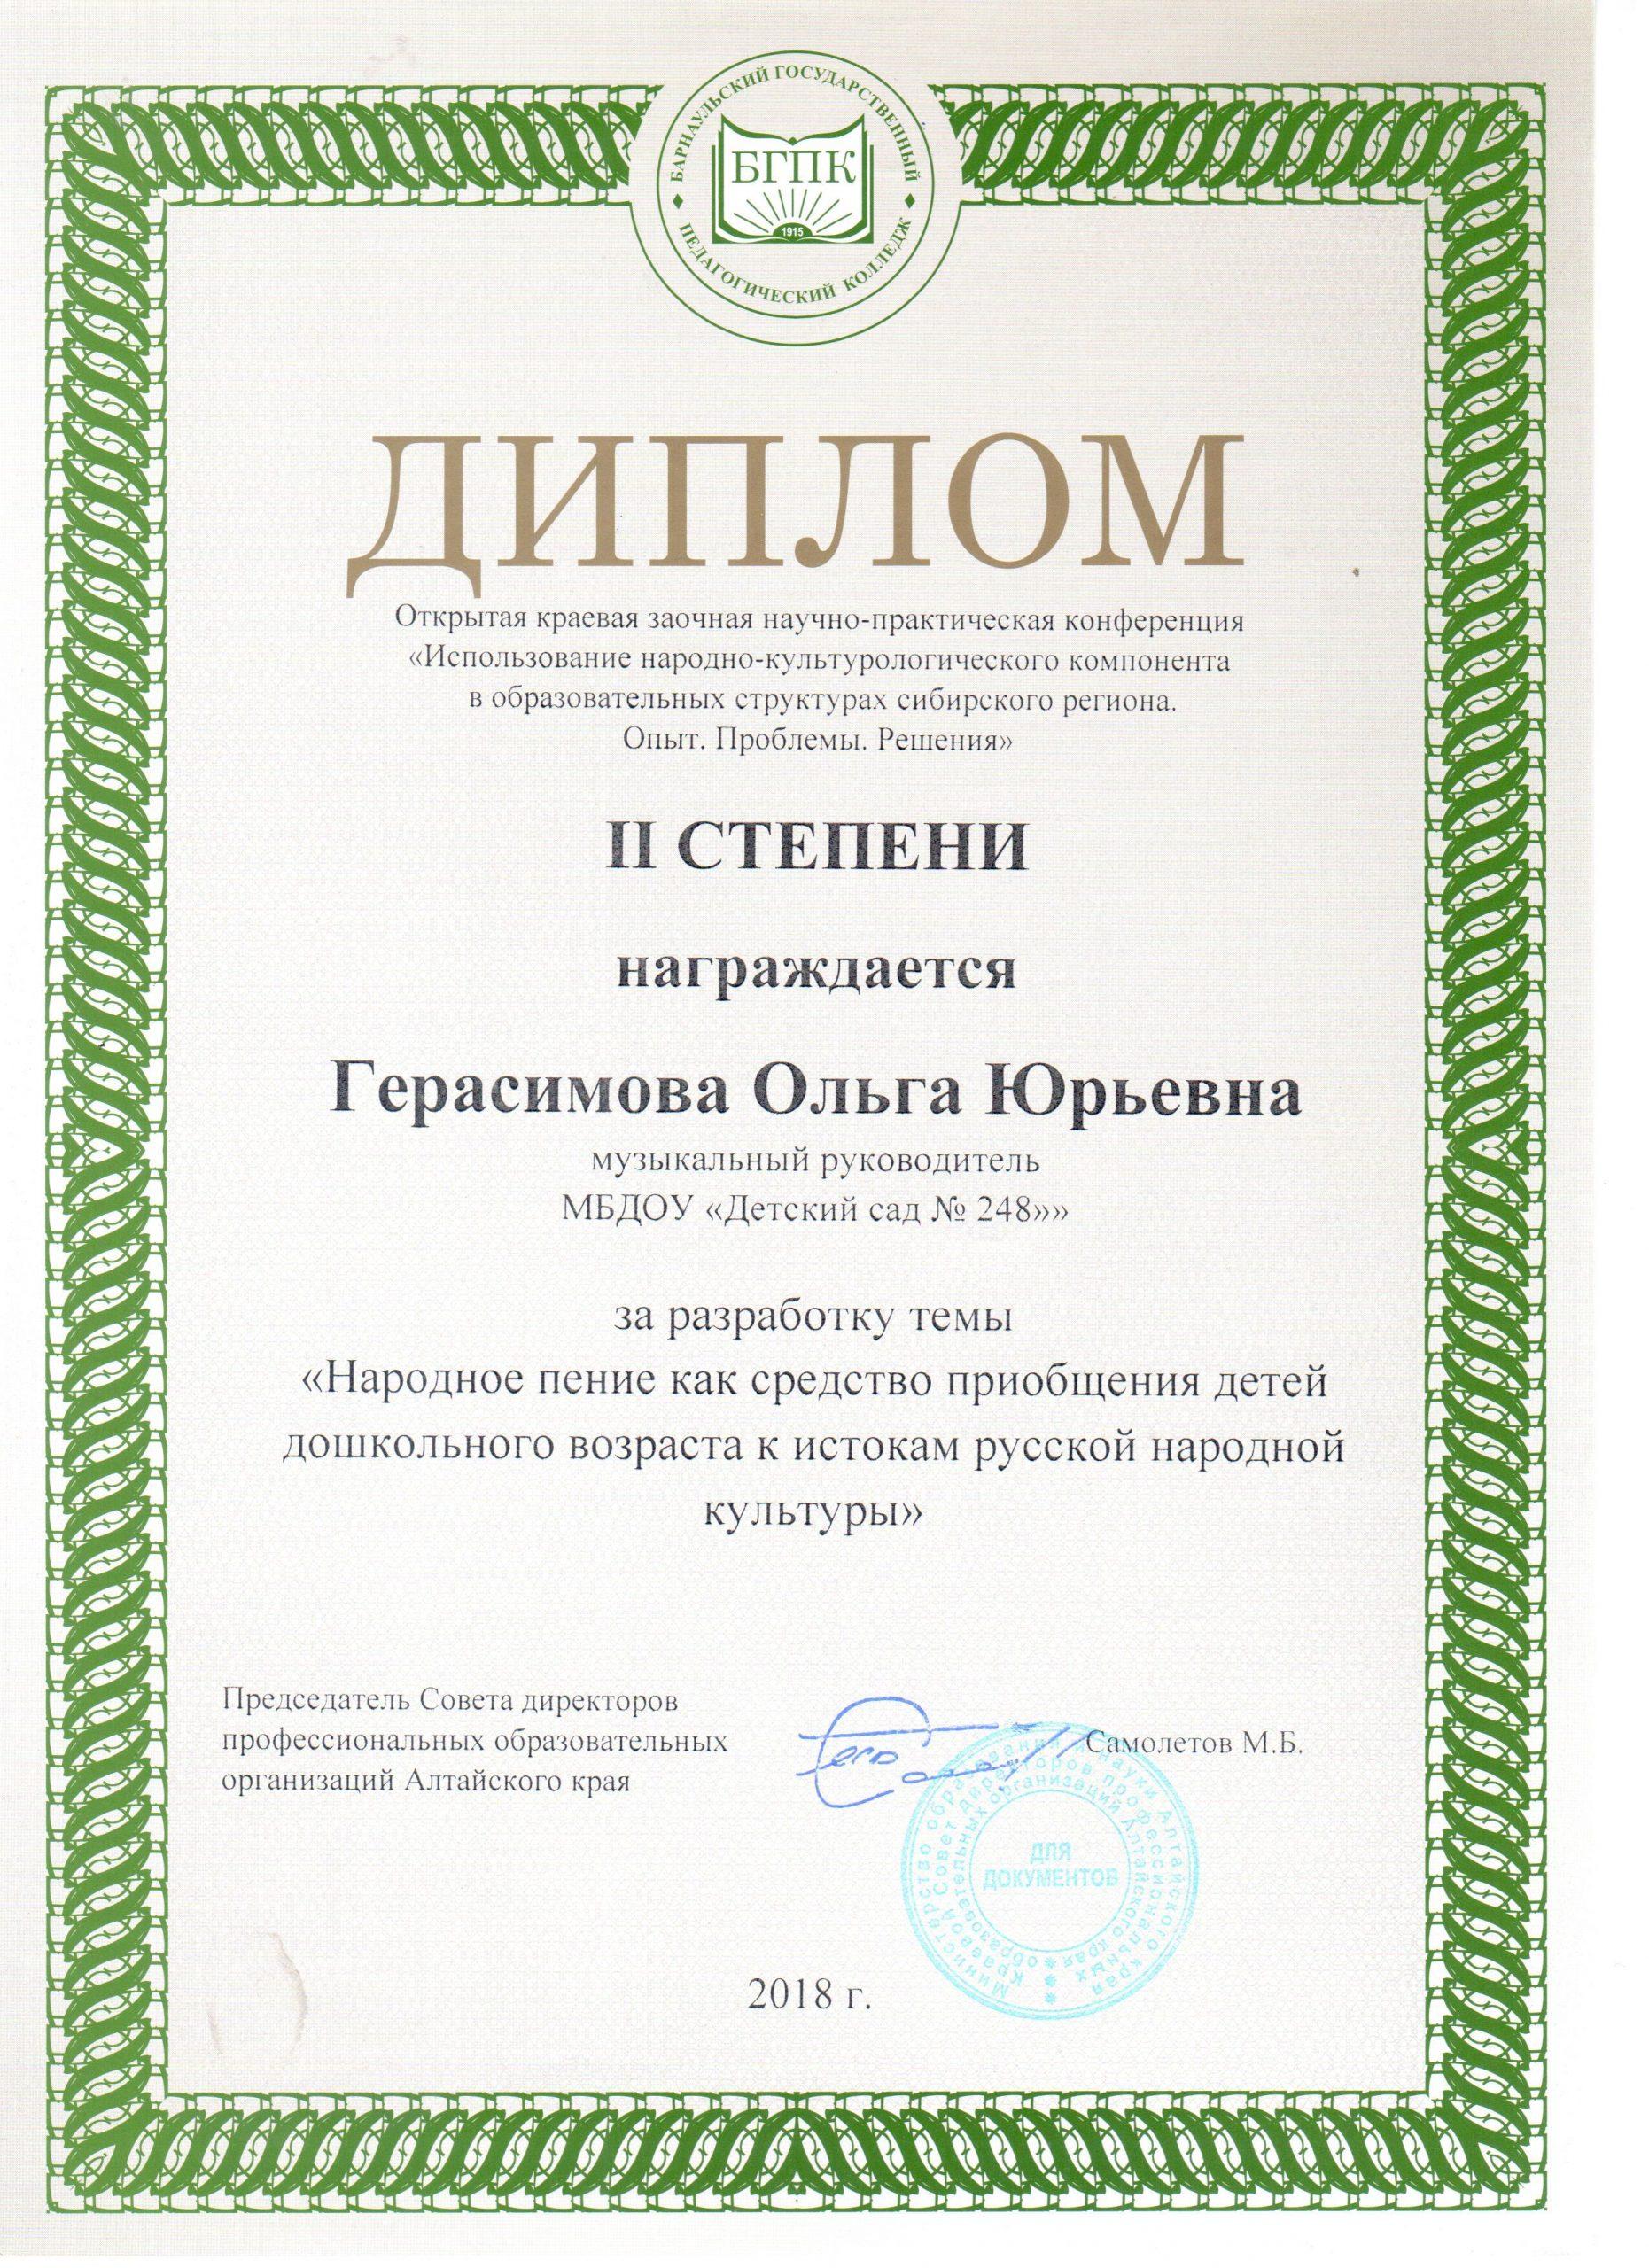 КОНФЕРЕНЦИЯ БГПК 2018